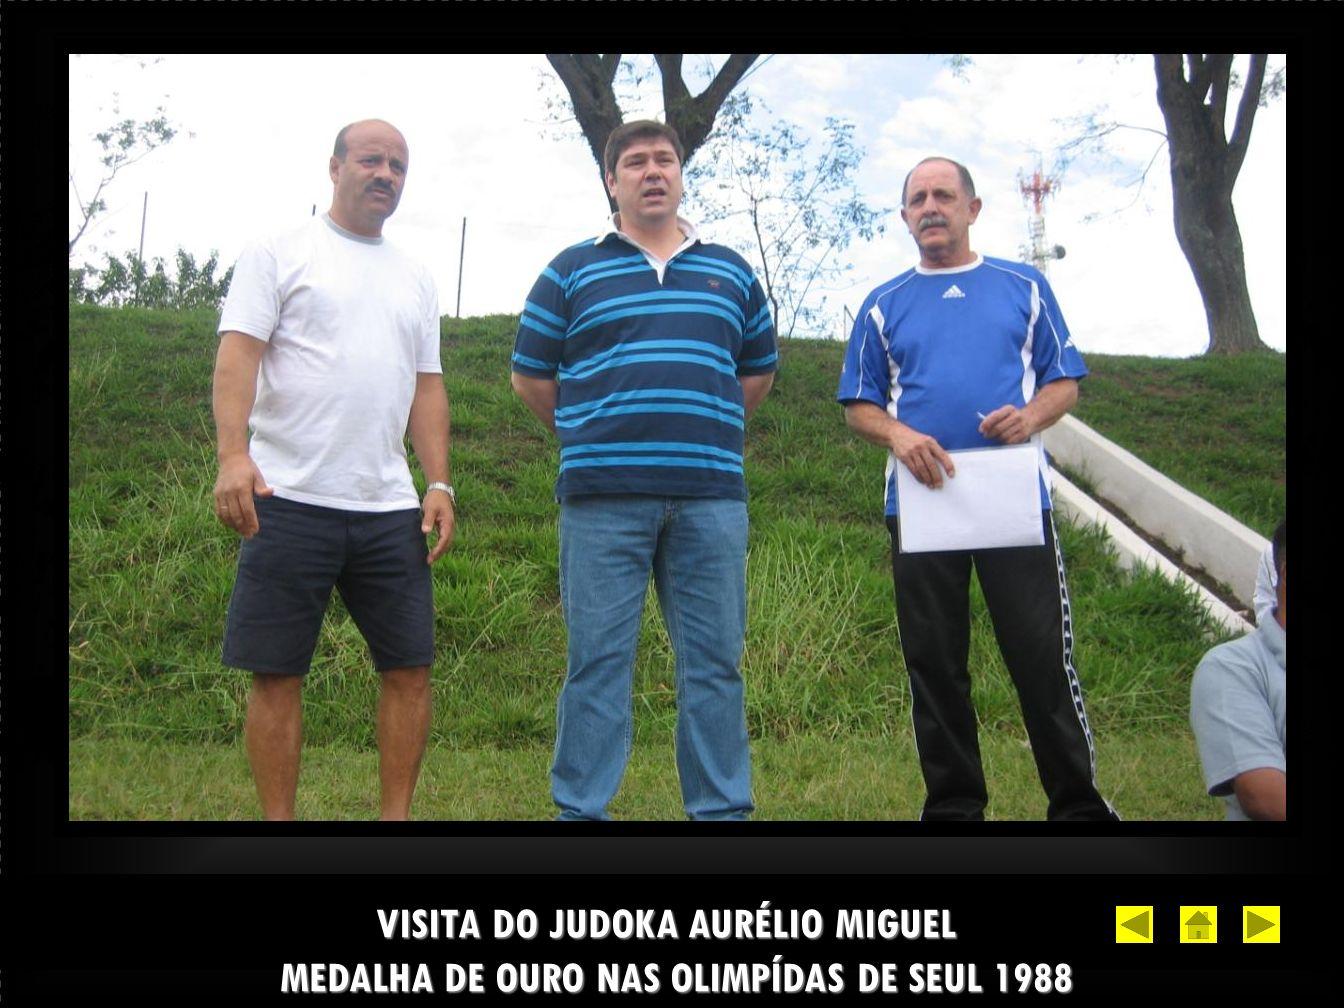 VISITA DO JUDOKA AURÉLIO MIGUEL